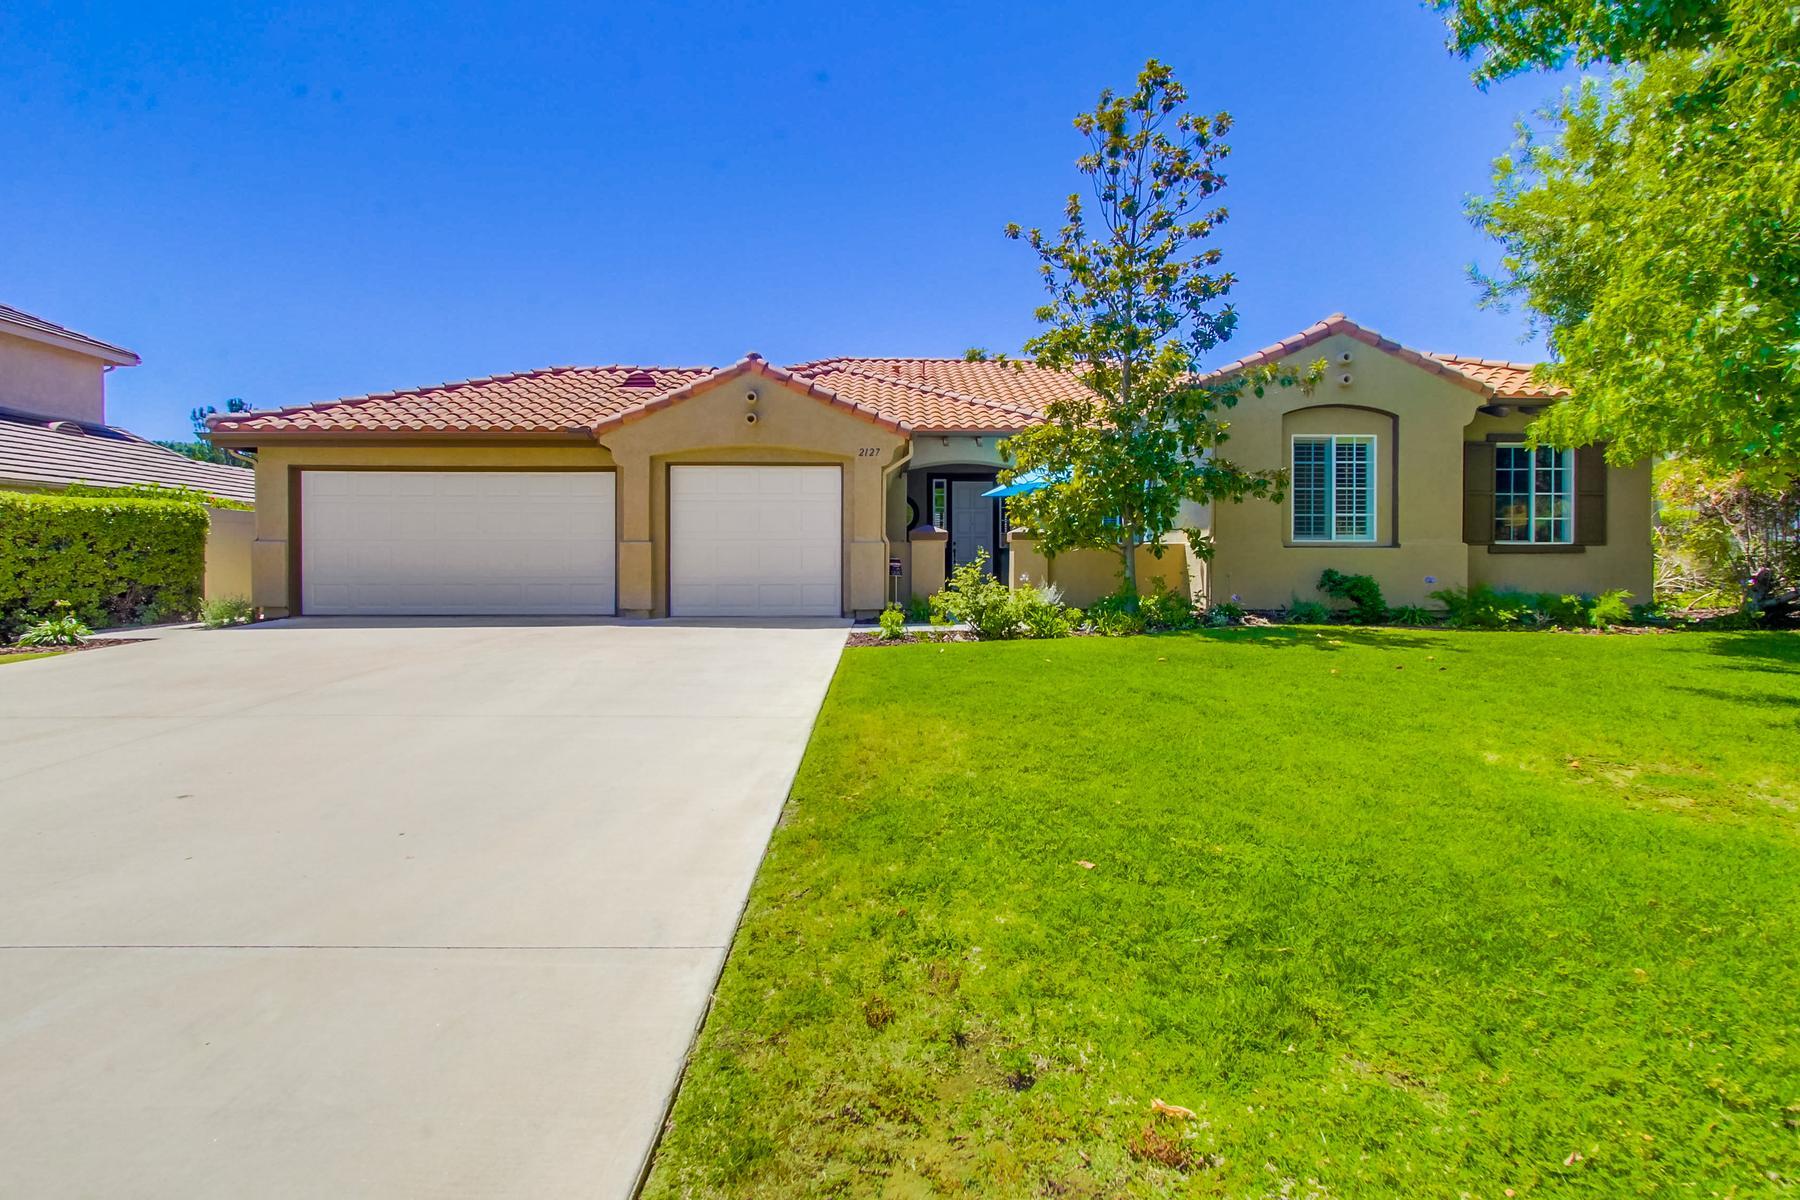 獨棟家庭住宅 為 出售 在 2127 Stone Castle Fallbrook, 加利福尼亞州, 92028 美國